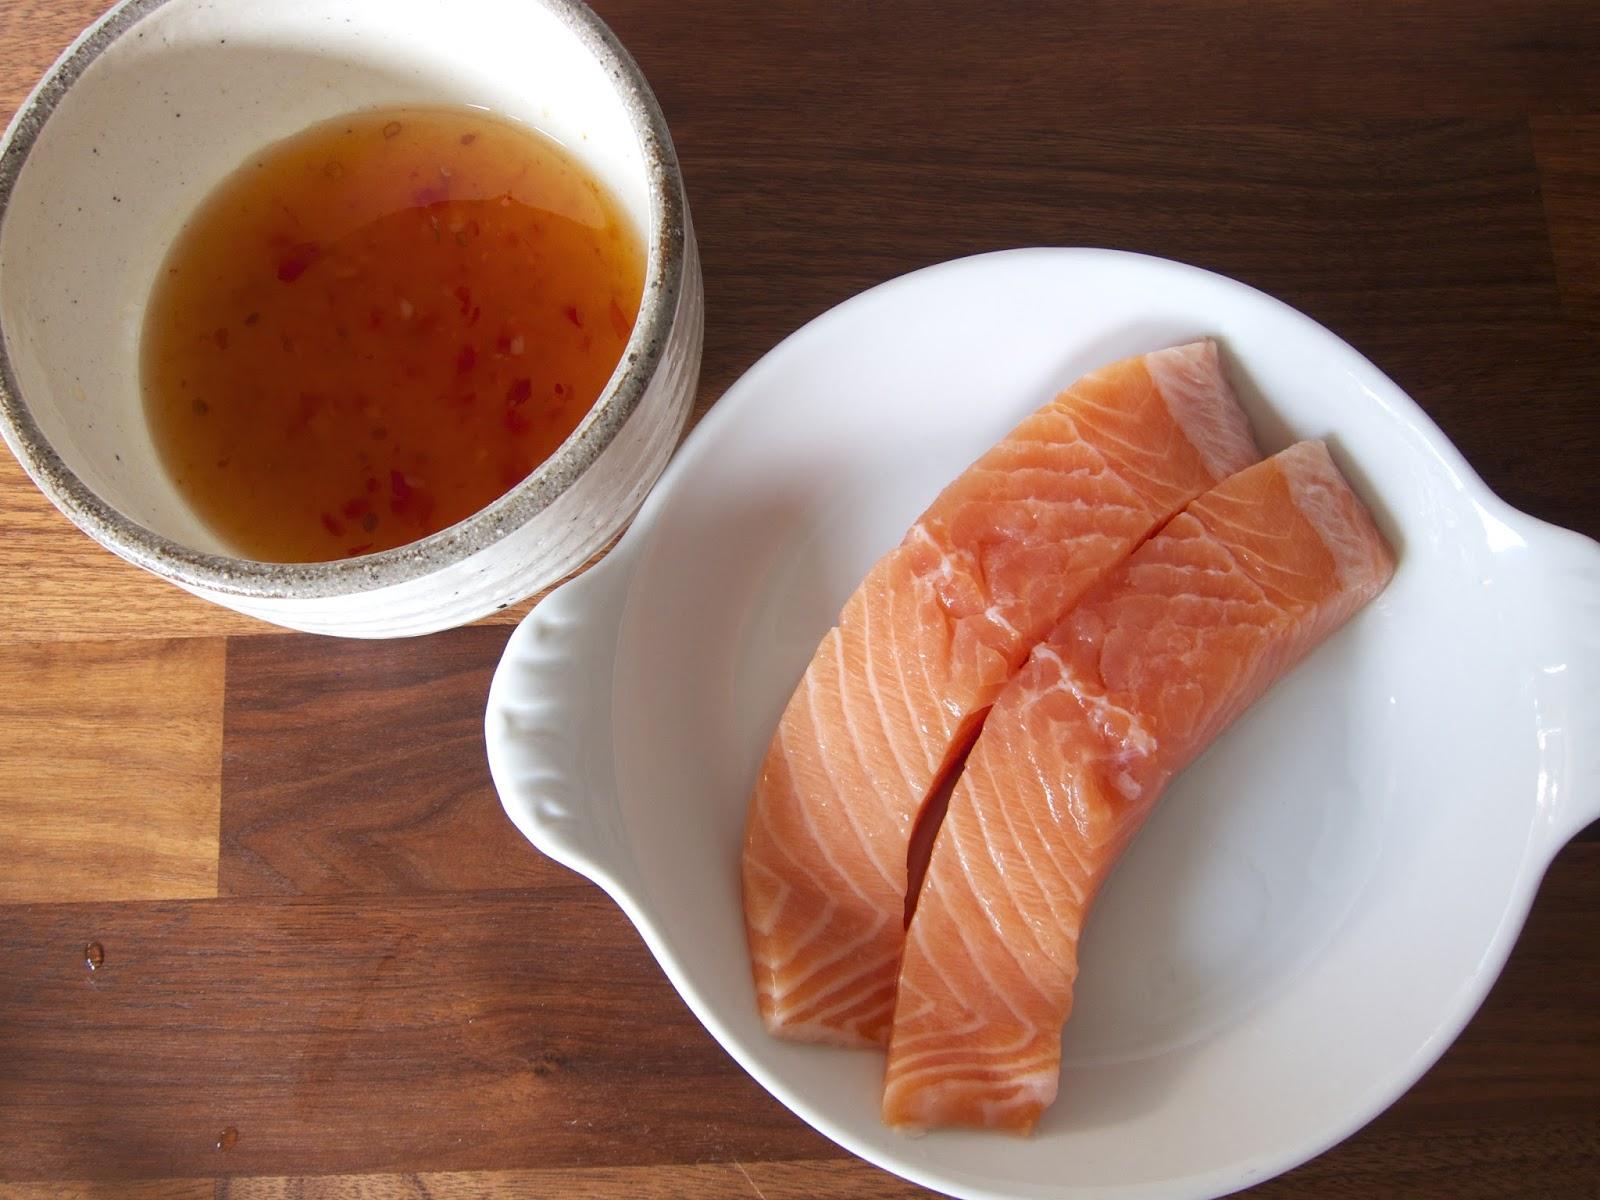 2x Salmon Fillets 3 Tsp Sweet Chilli Sauce 4 Tsp Fish Sauce 2 Tsp Rice  Vinegar 1 Tsp Oil 2 Tbsp Water